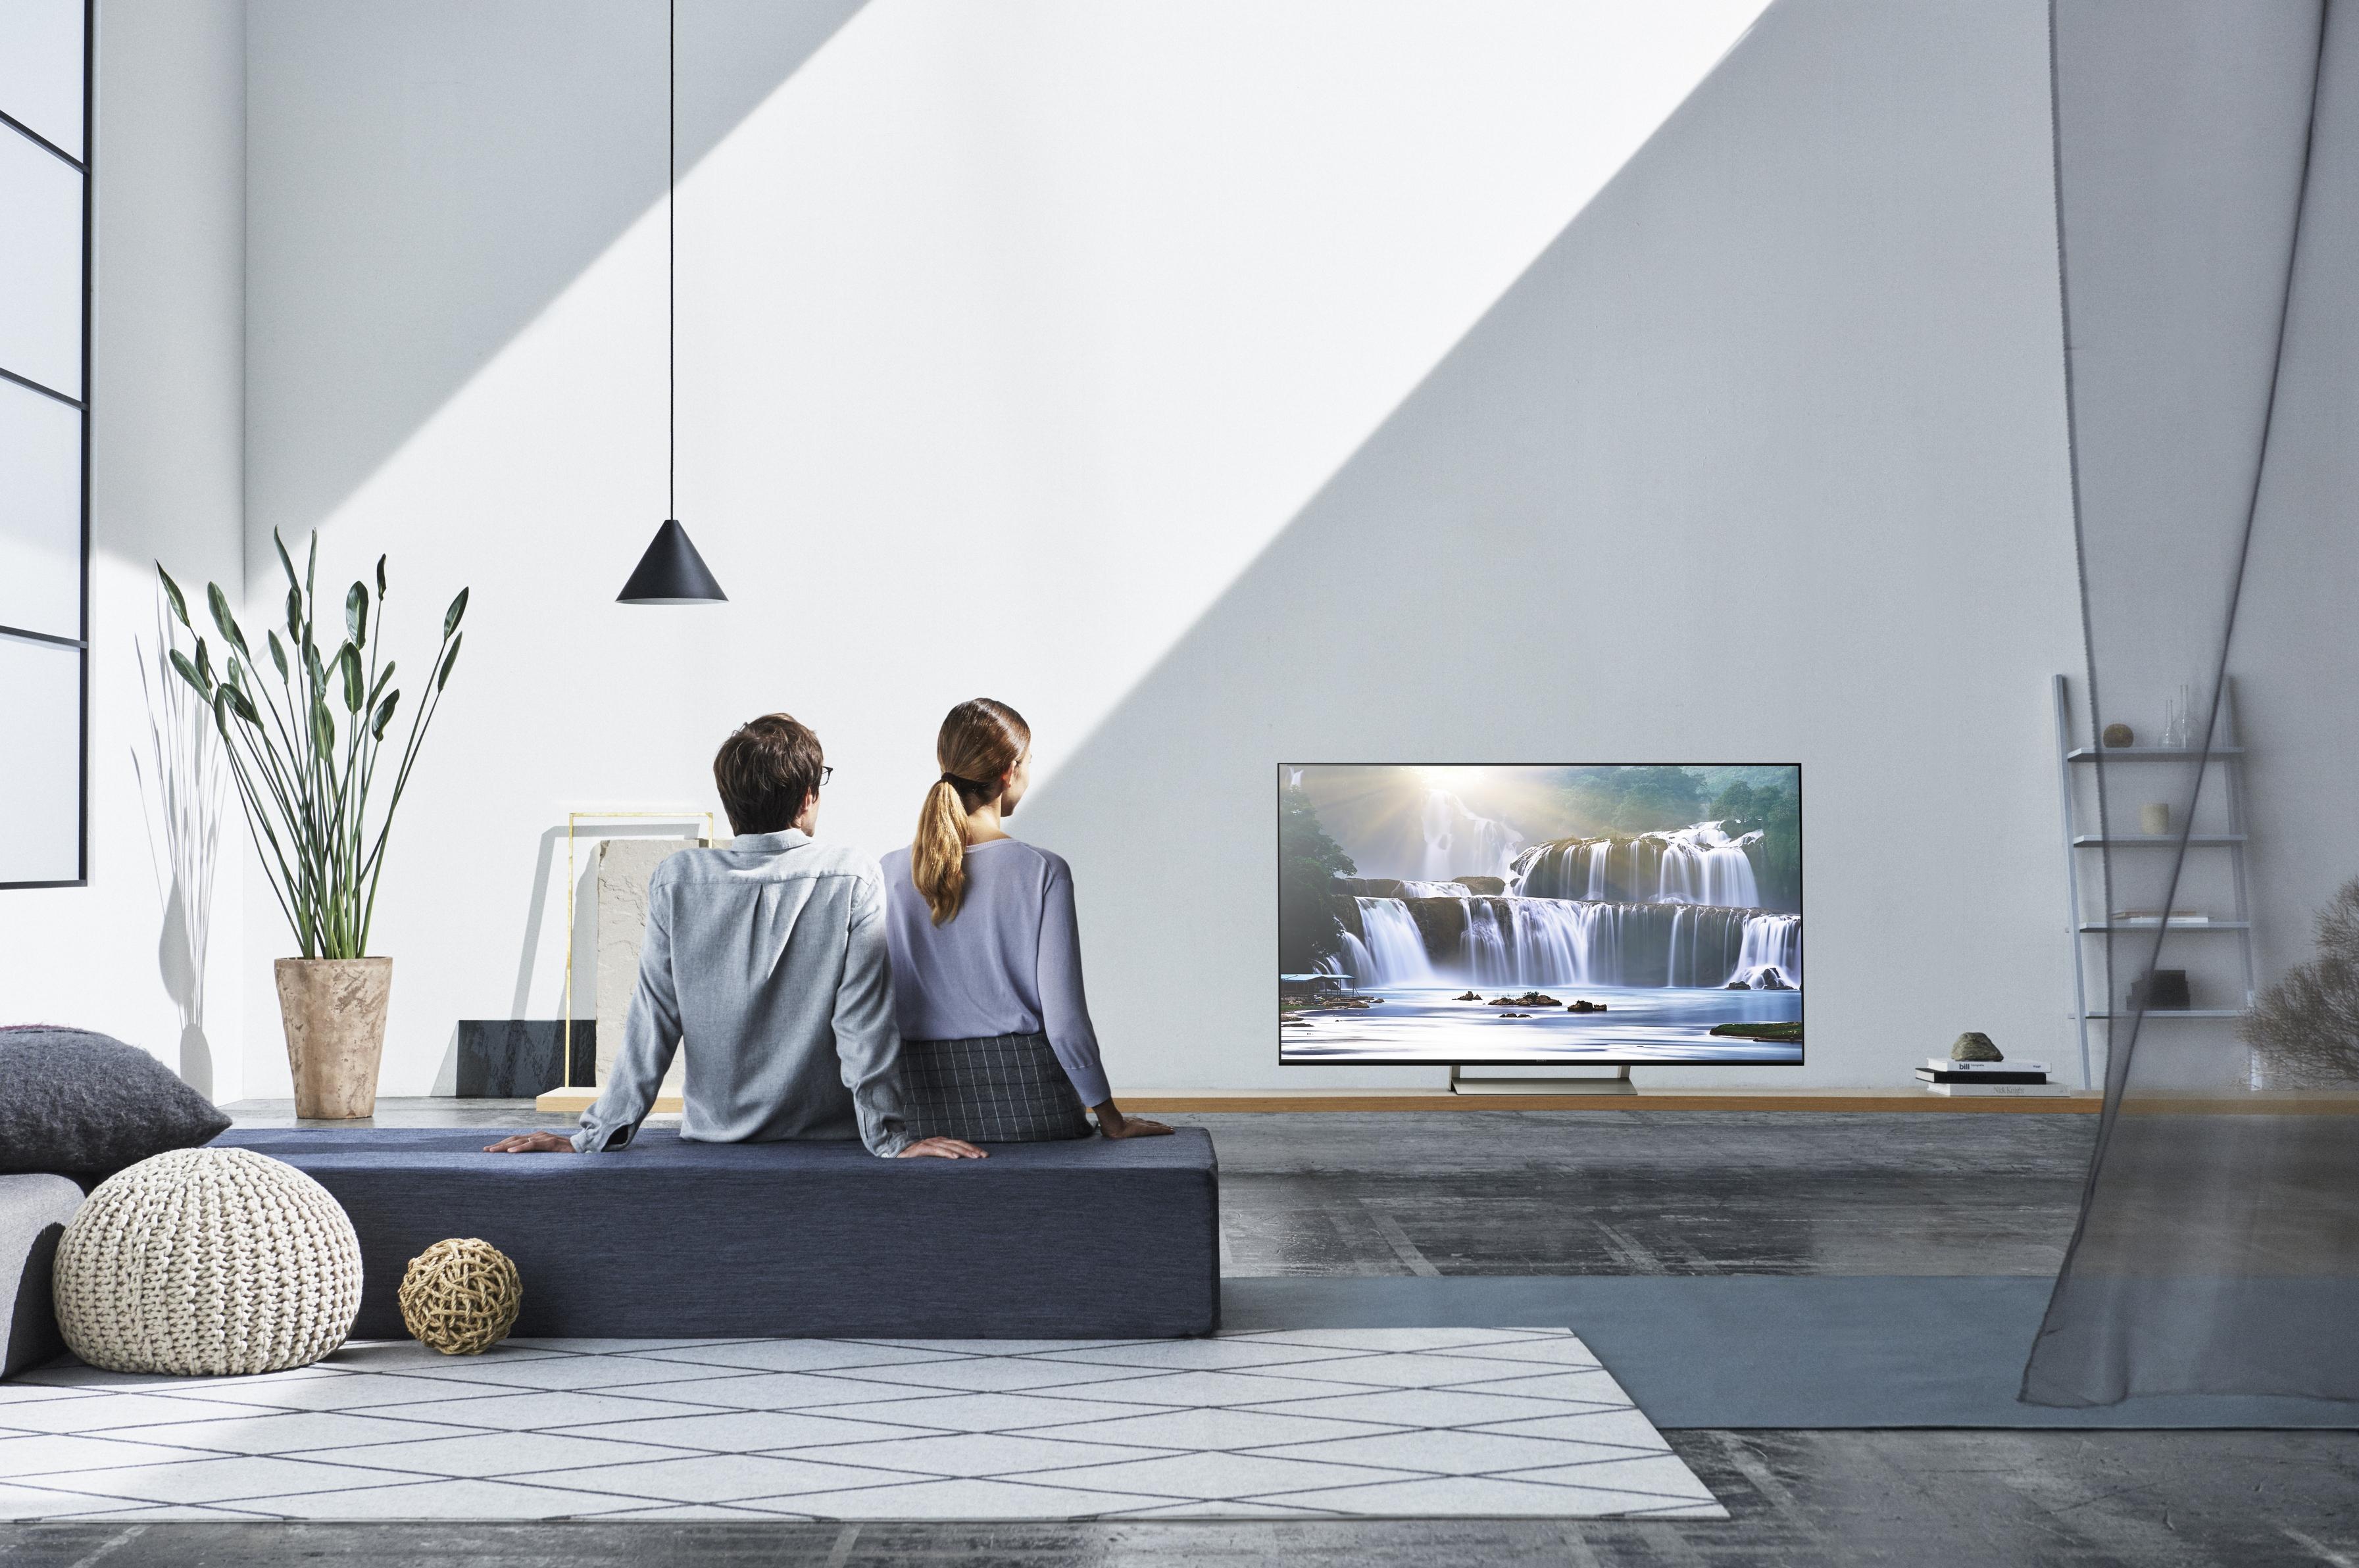 bravia-oled-a1-xe94-i-xe93-linejjka-novykh-televizorov-sony-televizory-xe94-i-xe93